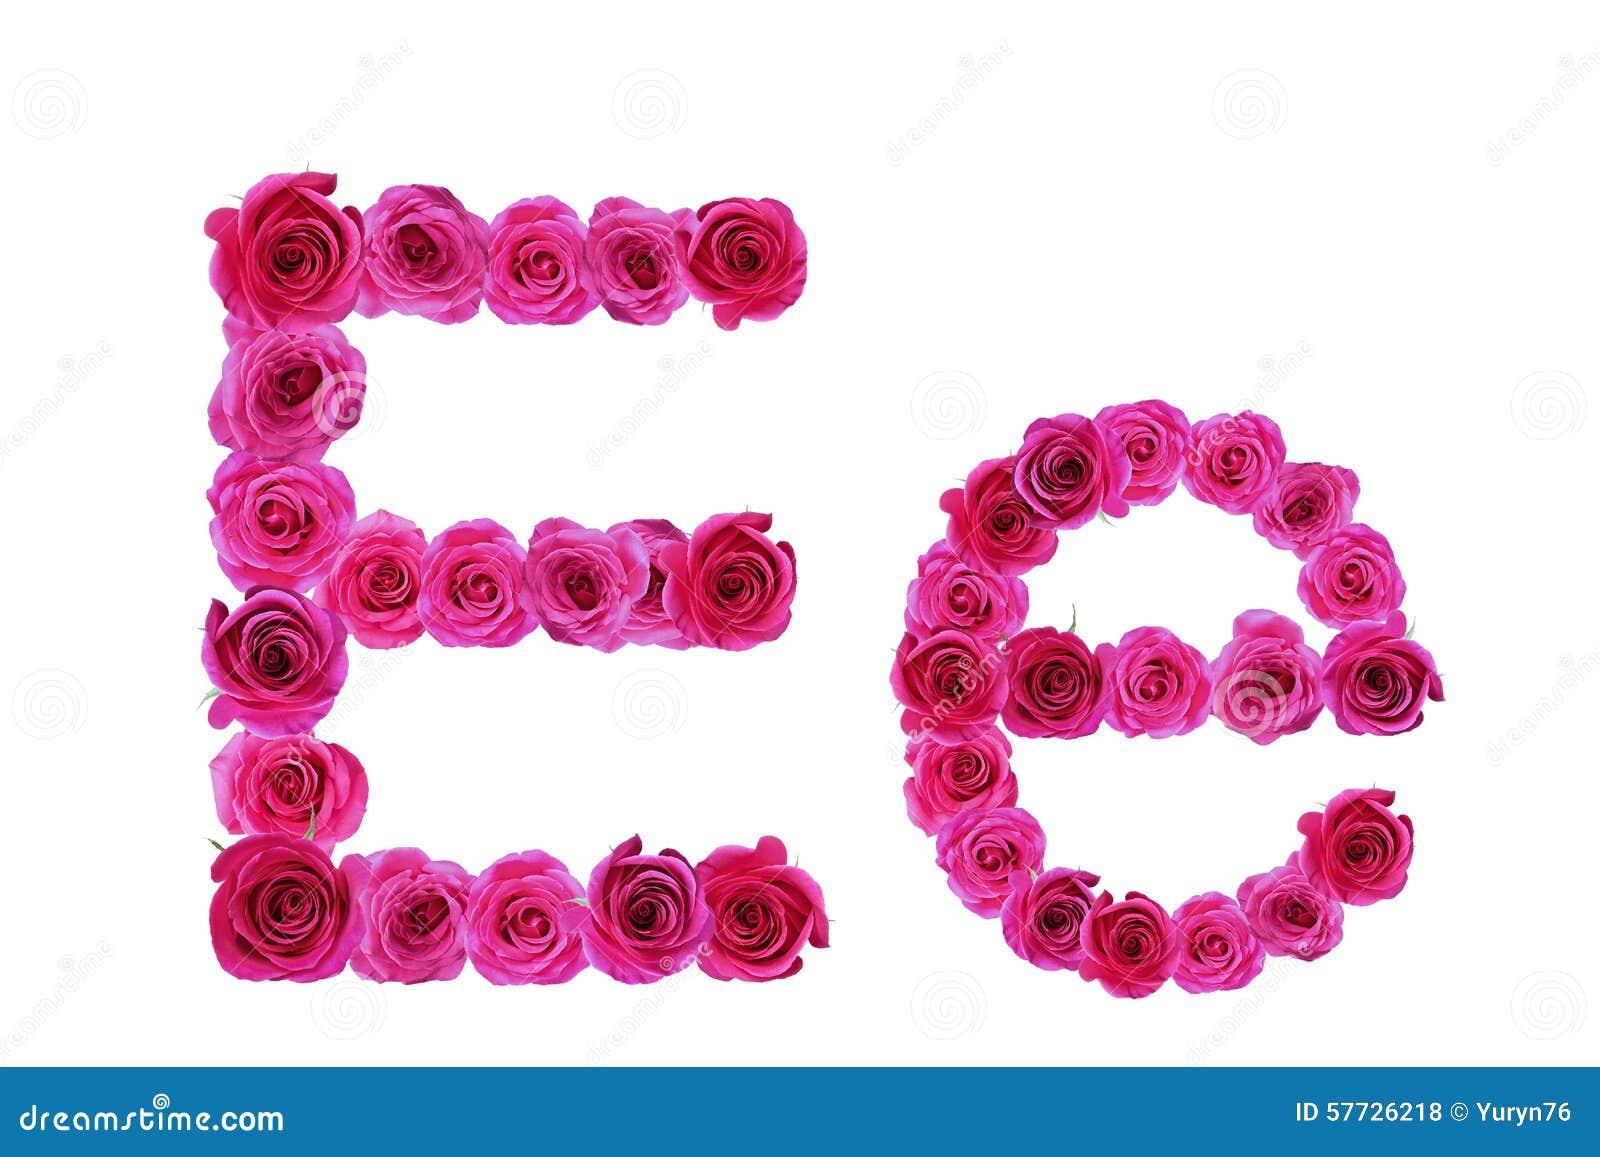 Letter E Roses Stock Image